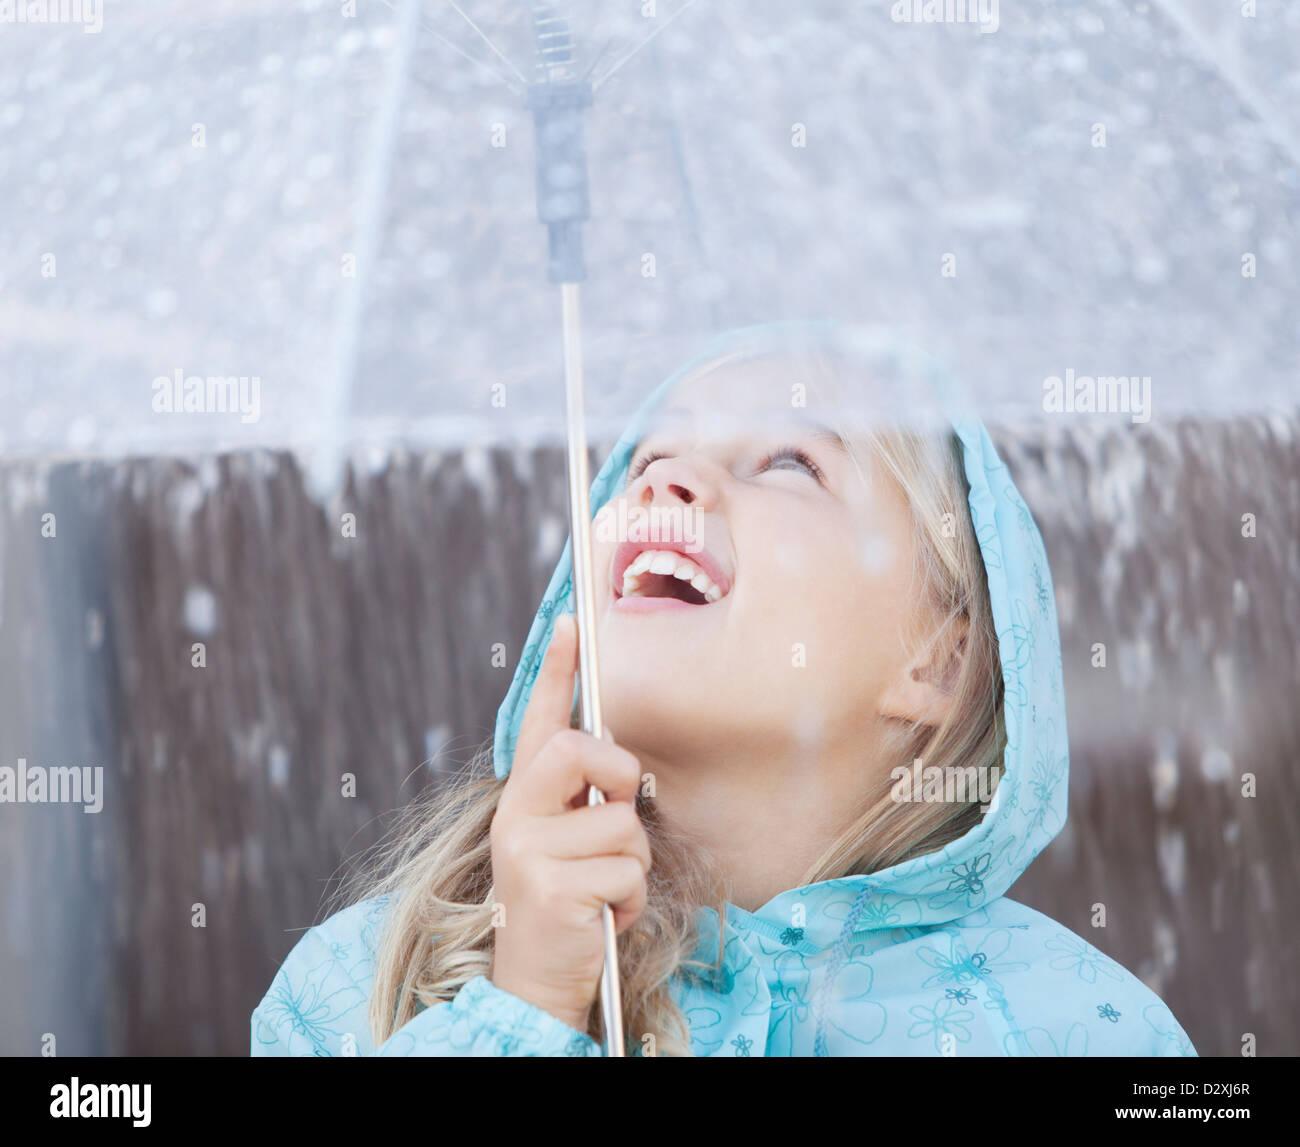 Nahaufnahme von Mädchen unter Dach blickte zu Platzregen Stockbild